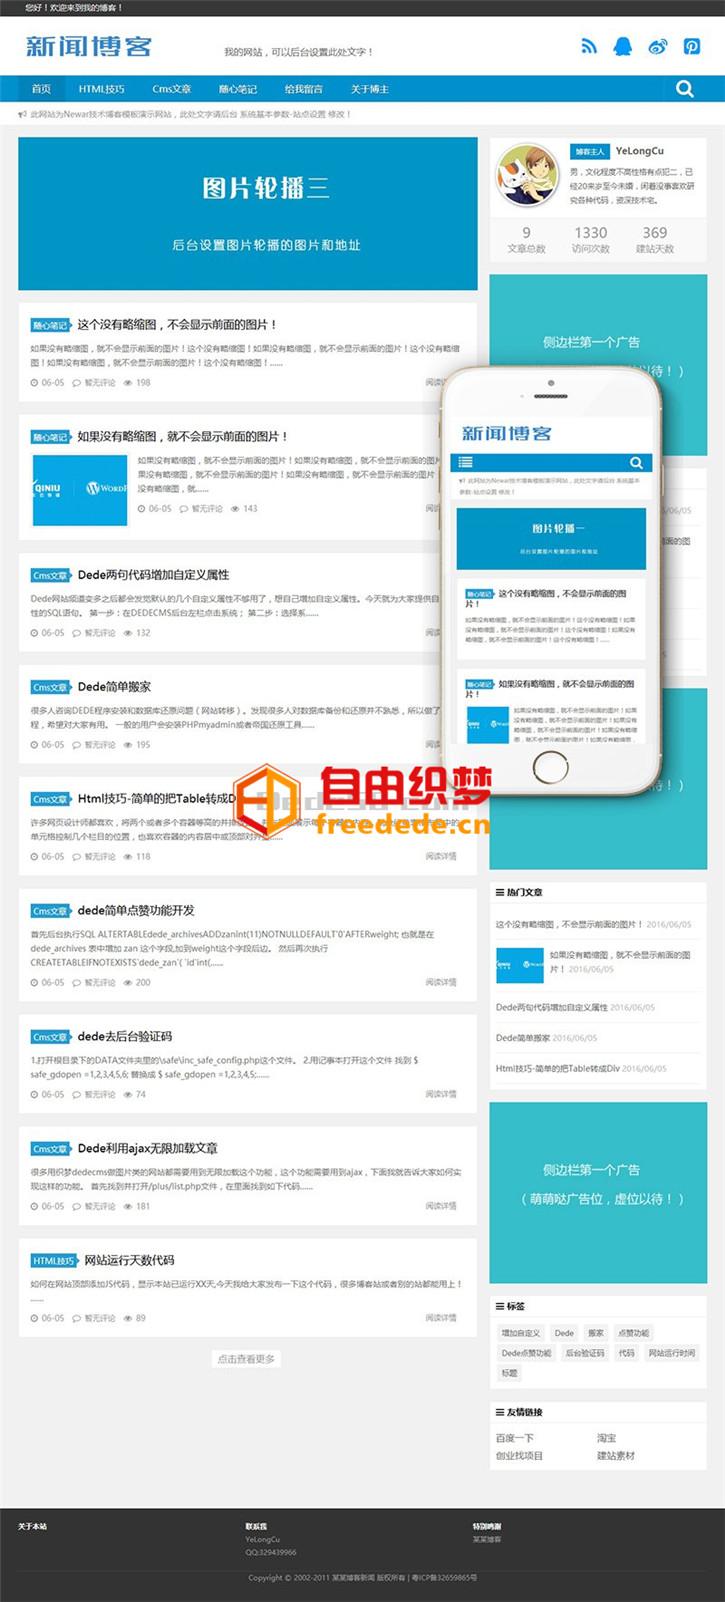 爱上源码网文章dedecms网站源码响应式新闻技术博客类织梦模板(自适应手机端)的内容插图